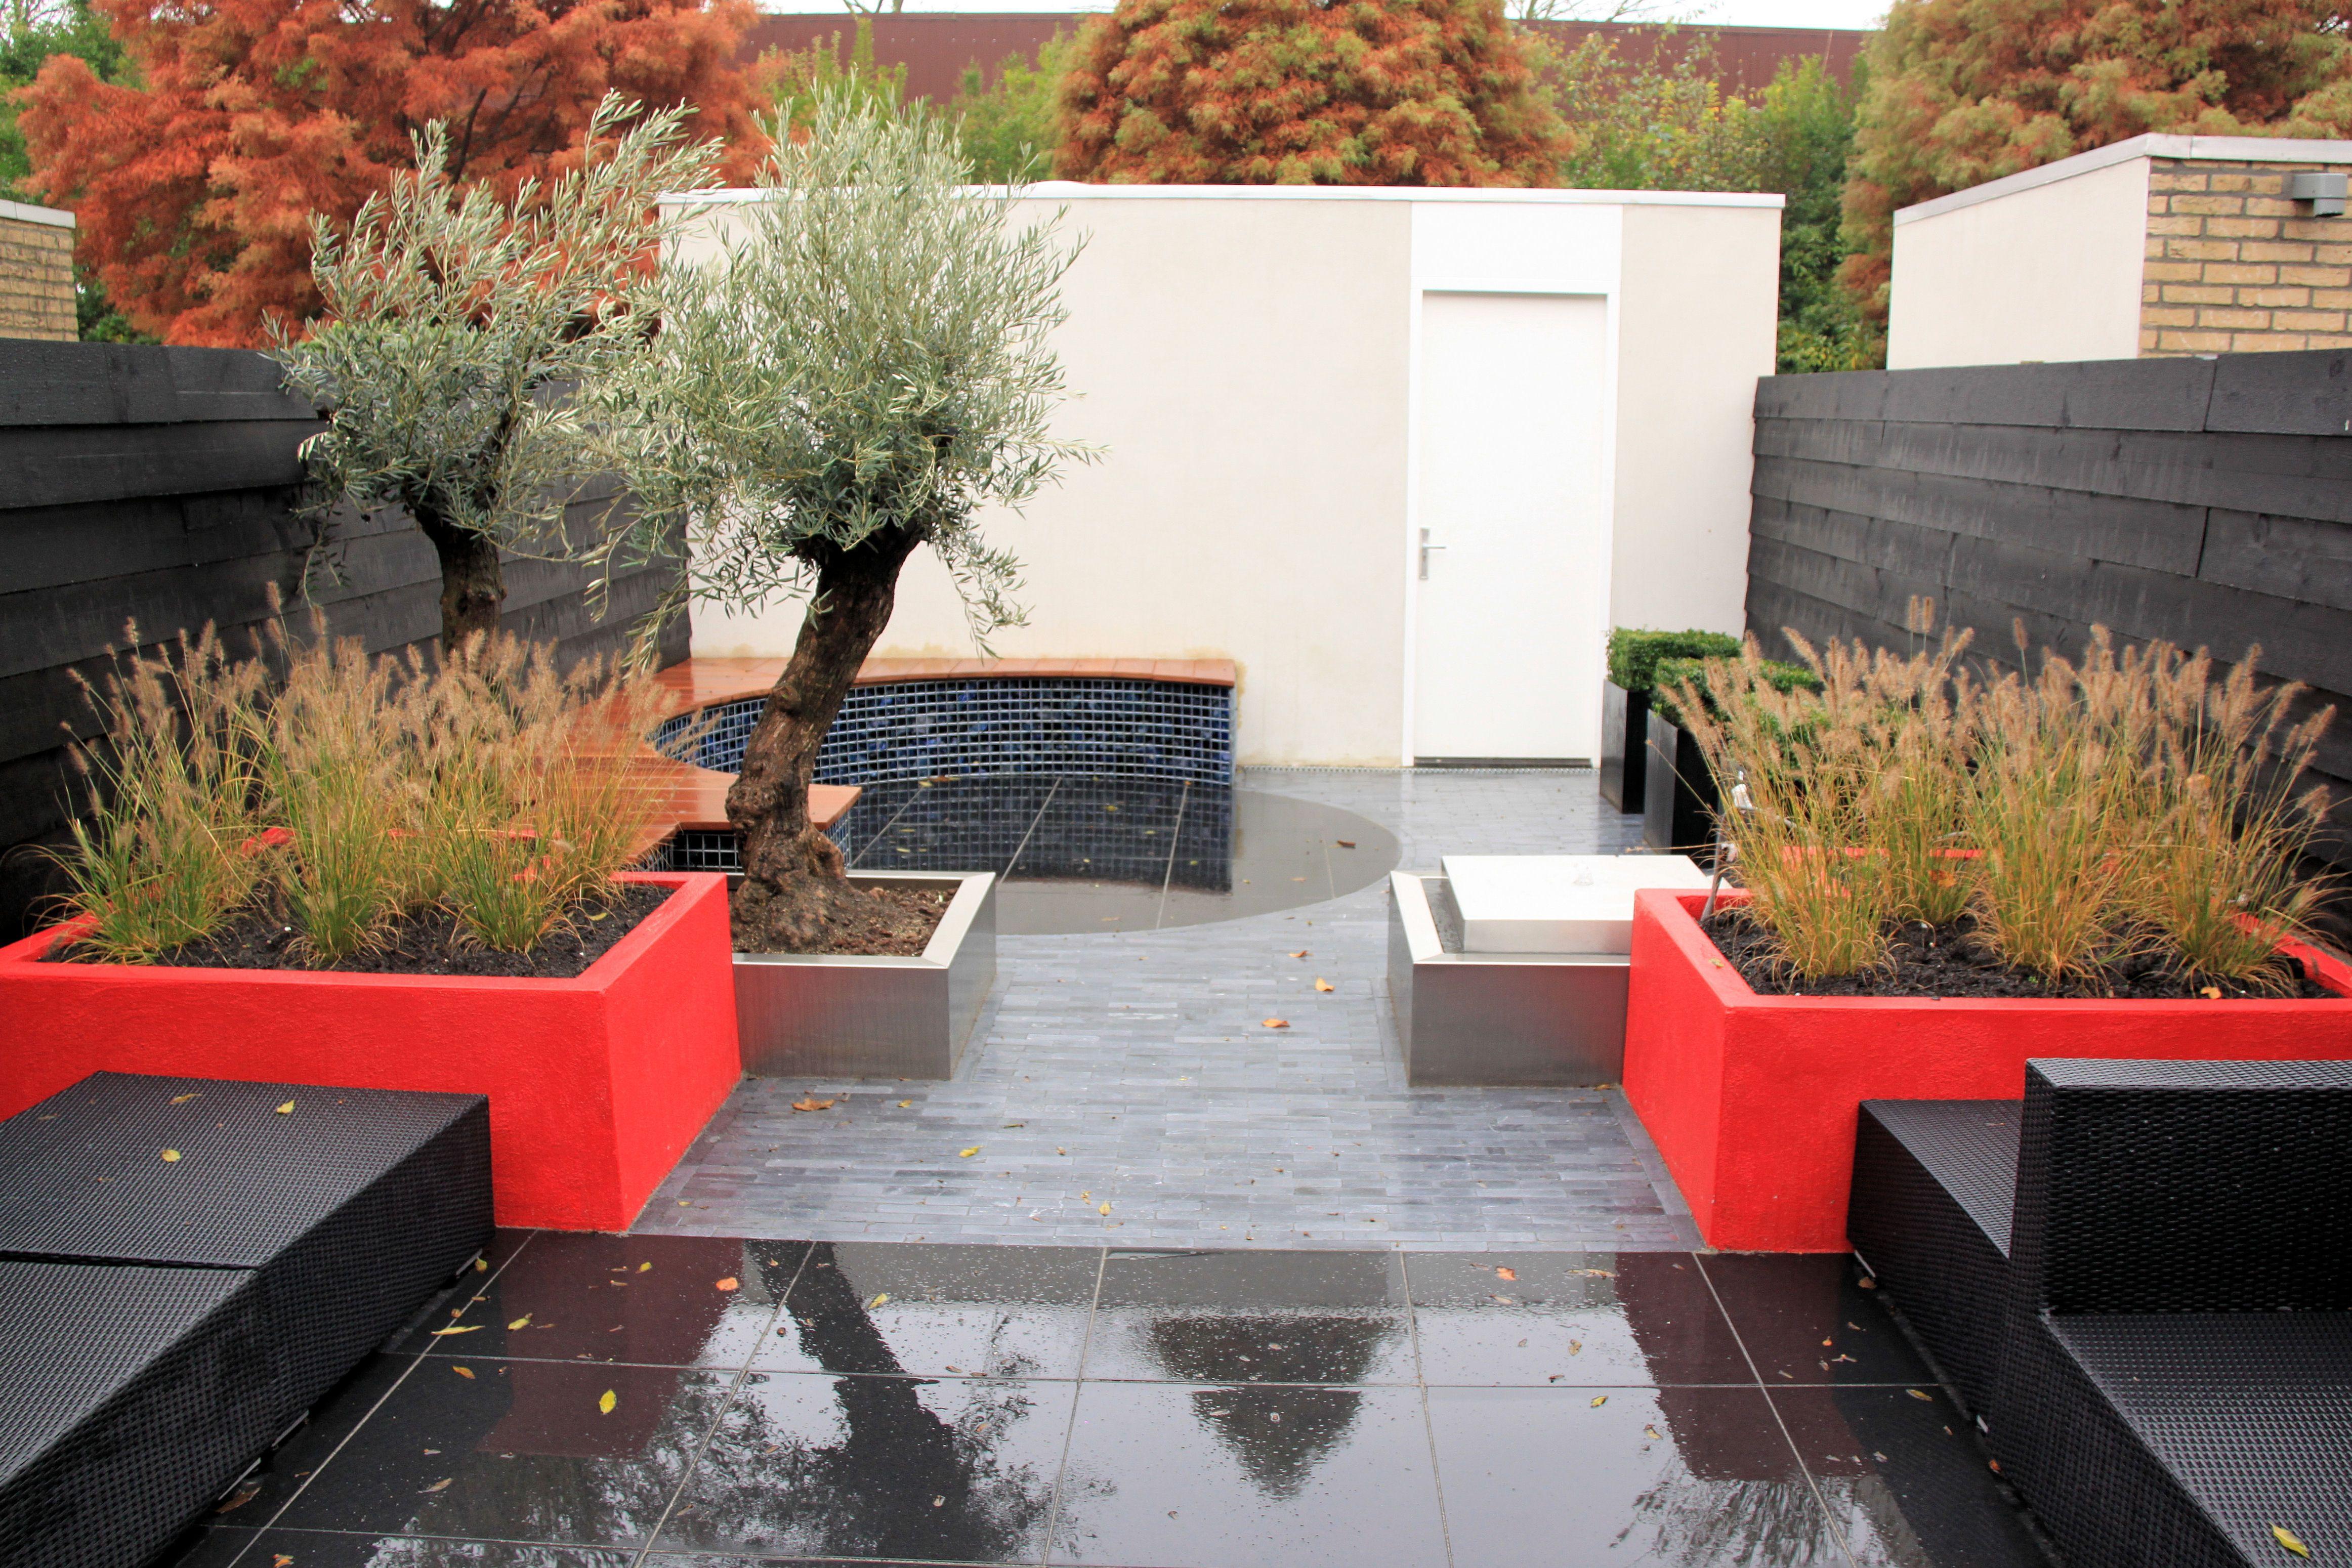 Zeer eigentijdse moderne tuin met sprekende kleuren tuin en